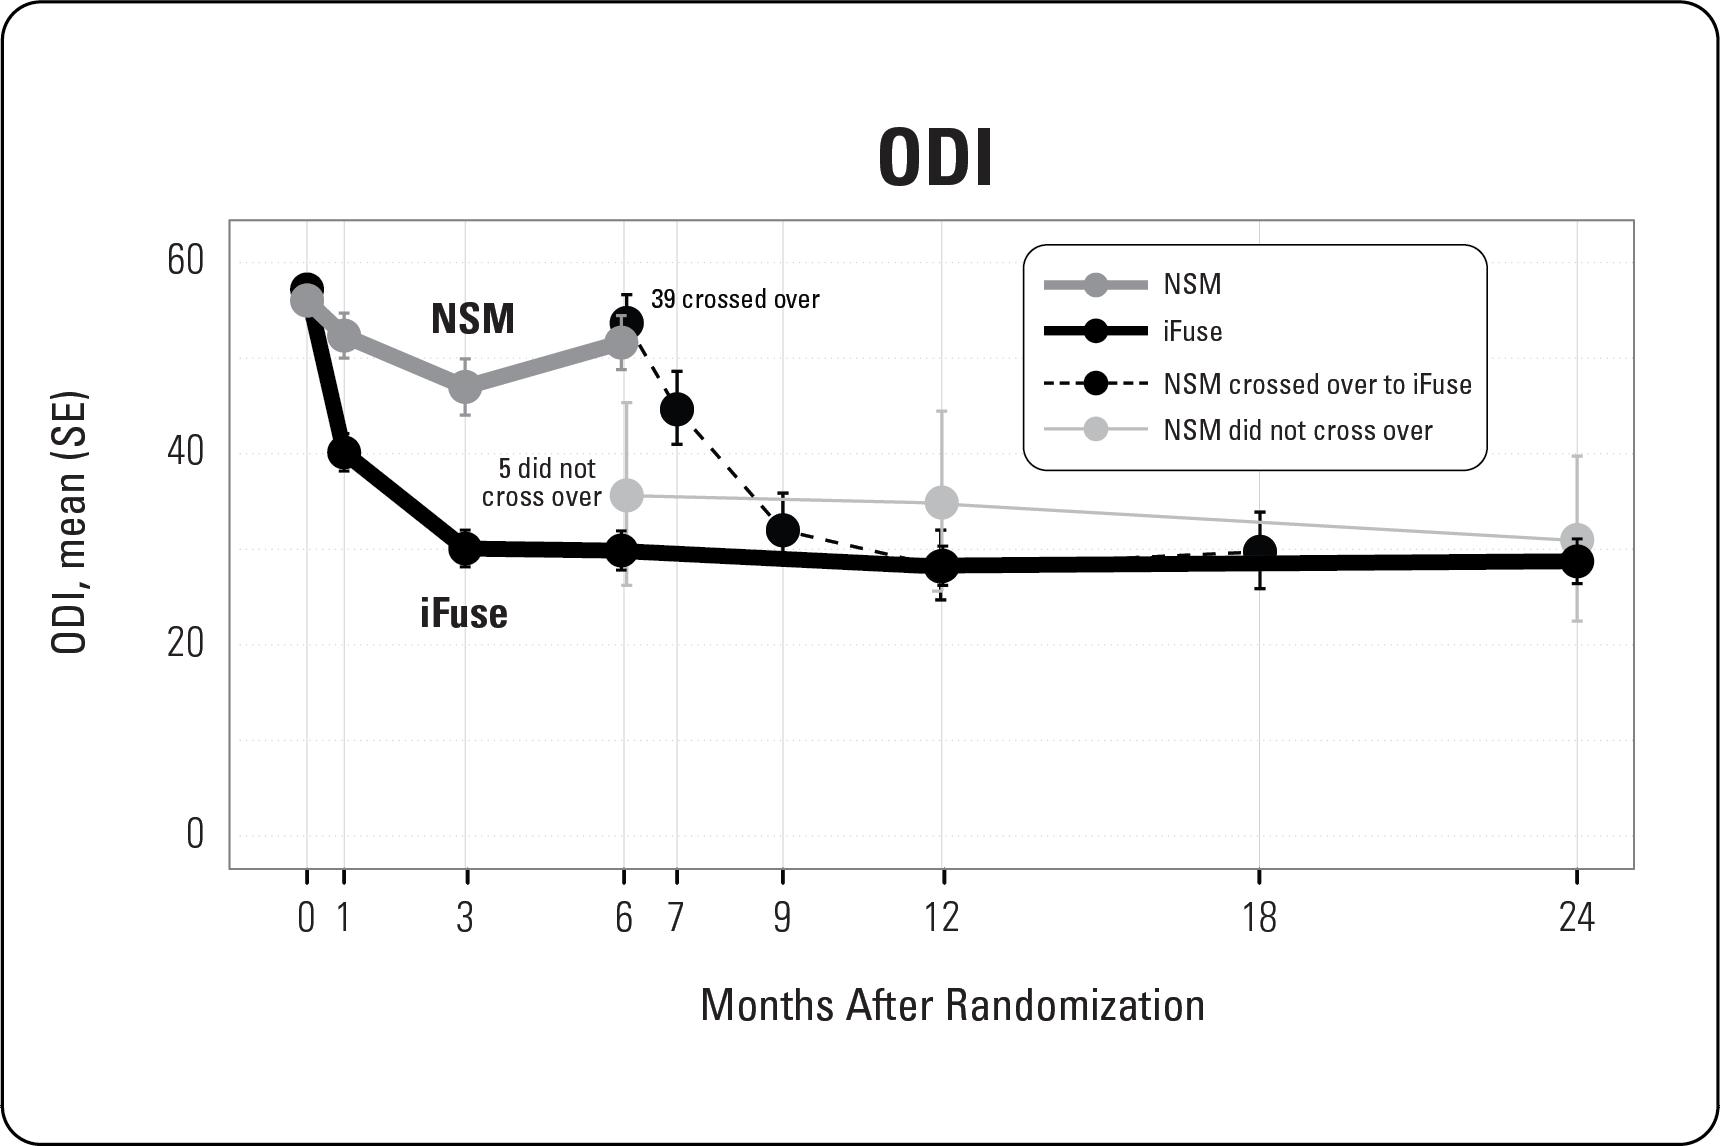 ODI Chart